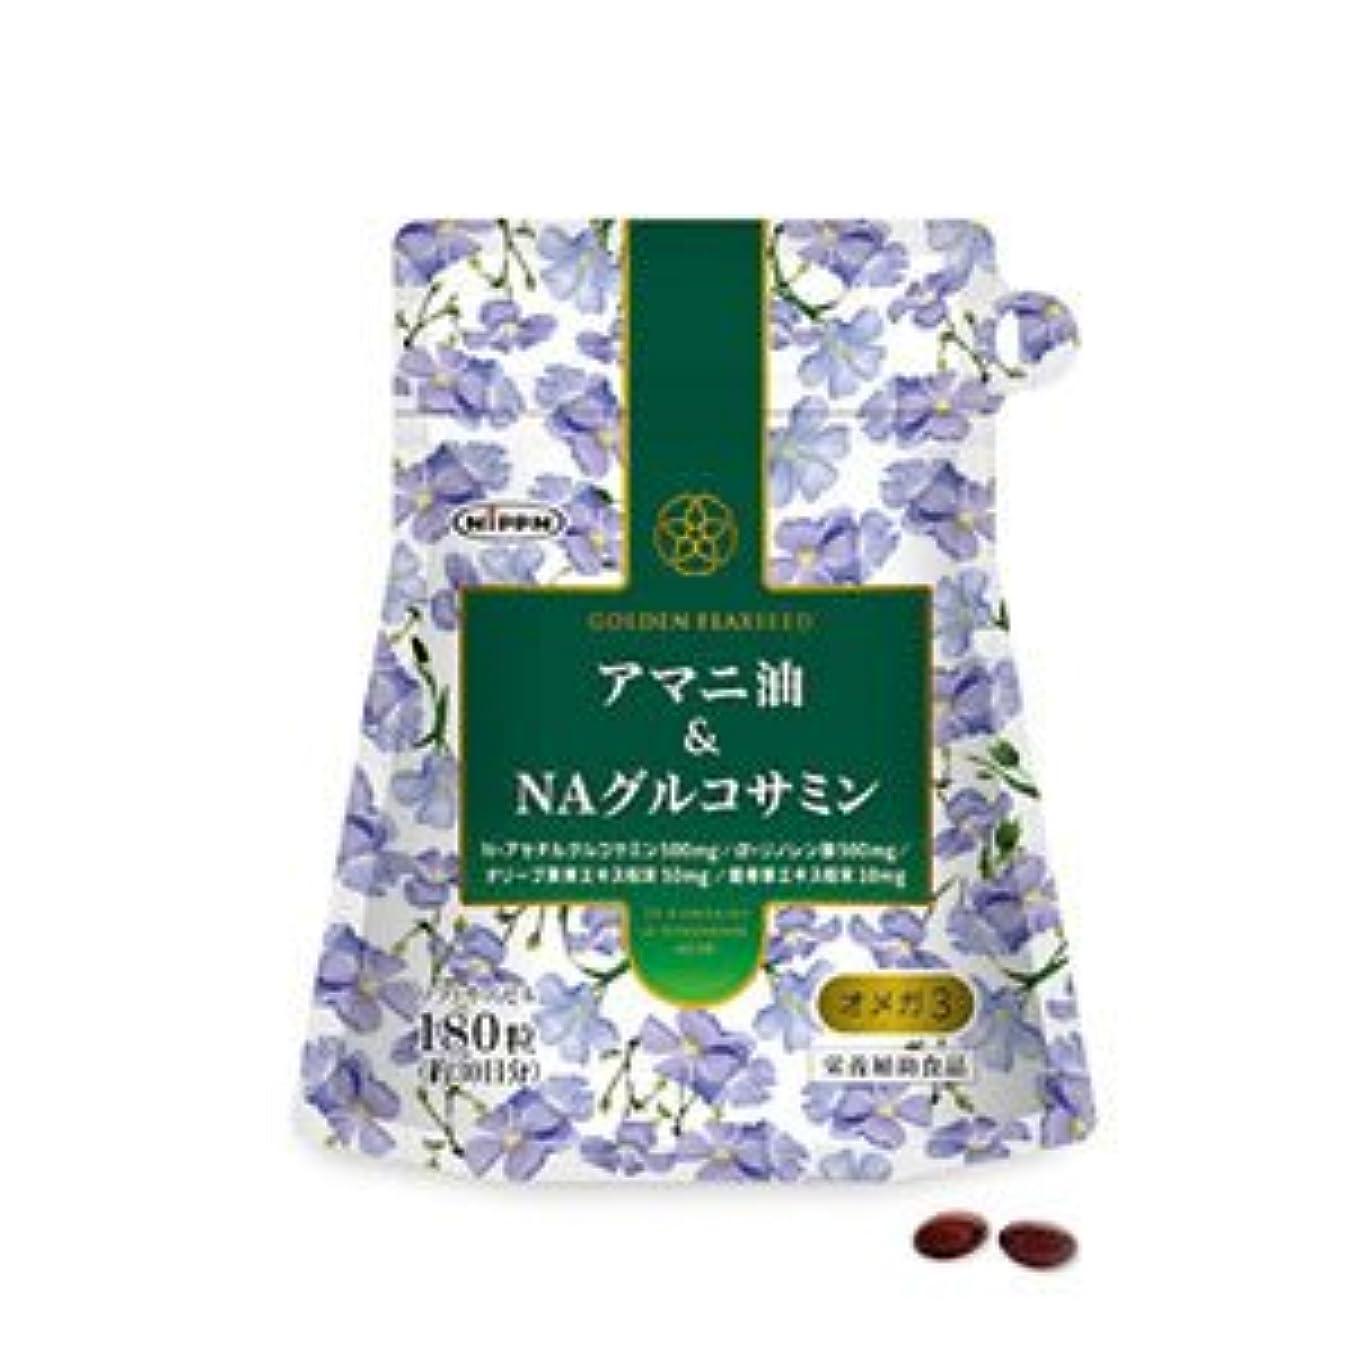 アマニ油&NAグルコサミン 180粒